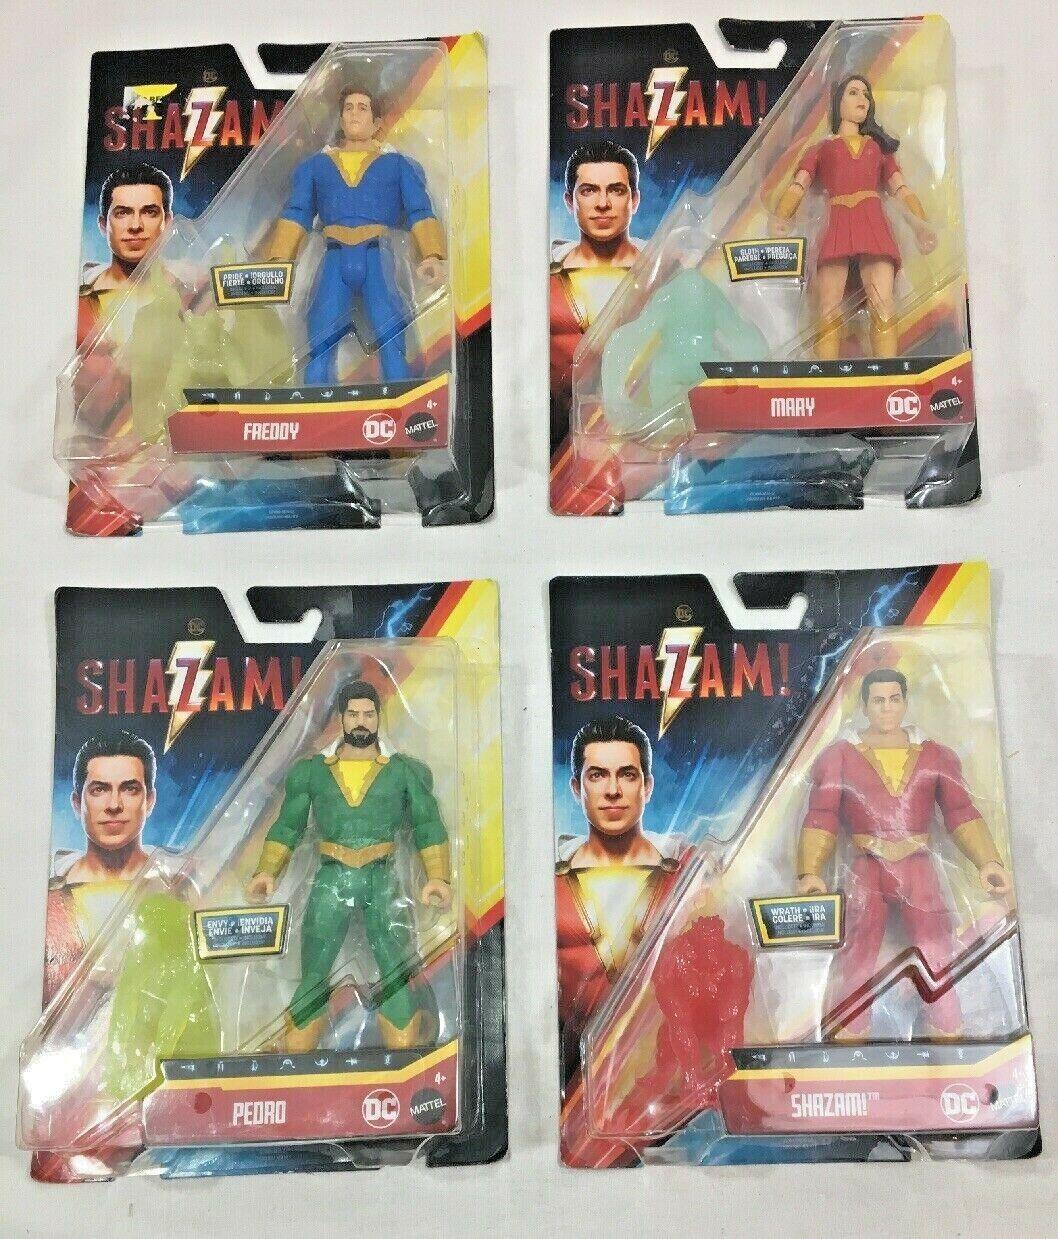 ny Lot of 4 Mattel DC Shazam Pedro, Mary och Fröddy Figures